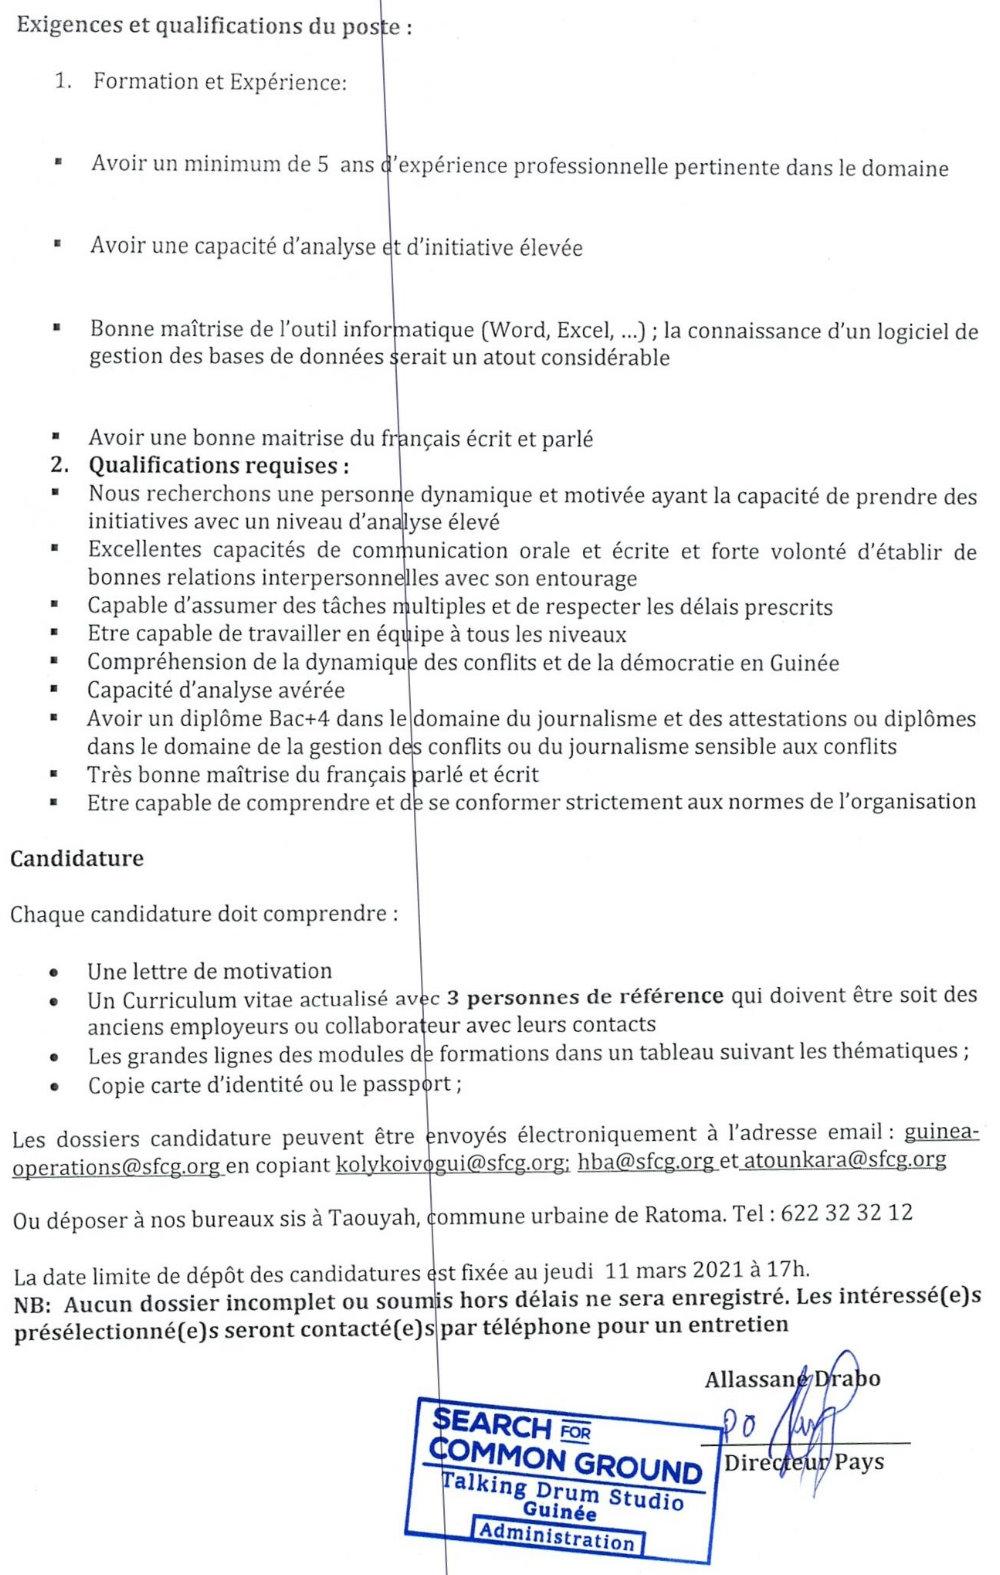 Offres d'emplois en guinée 2021 p3